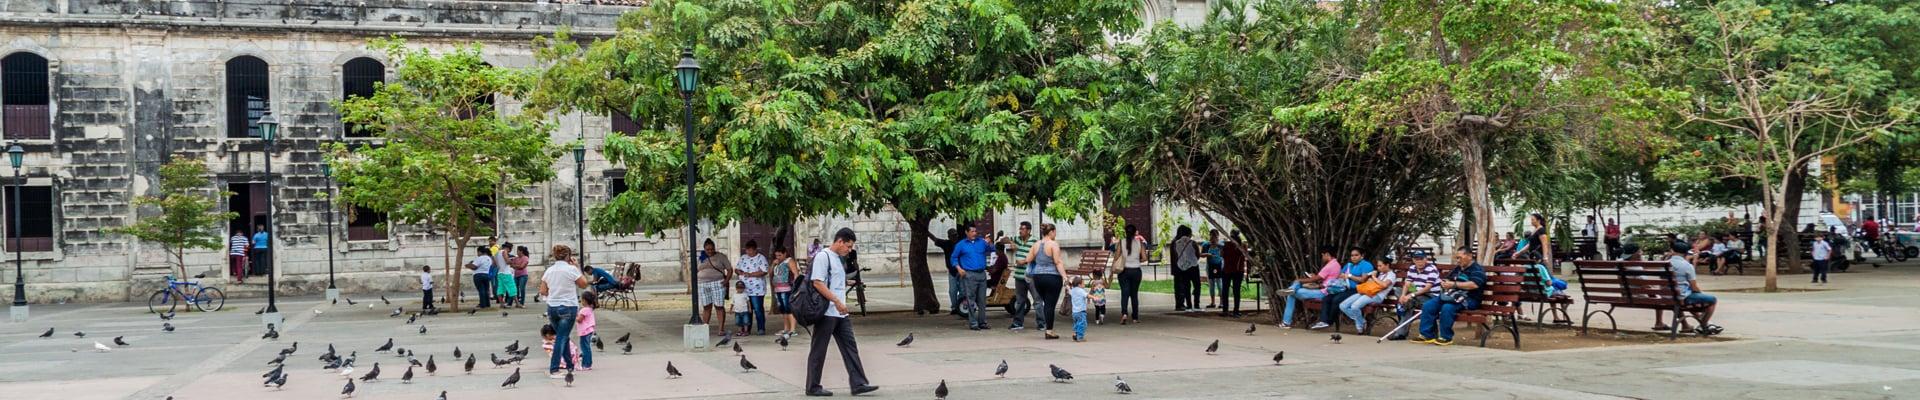 Parque Central Square in Leon, Nicaragua